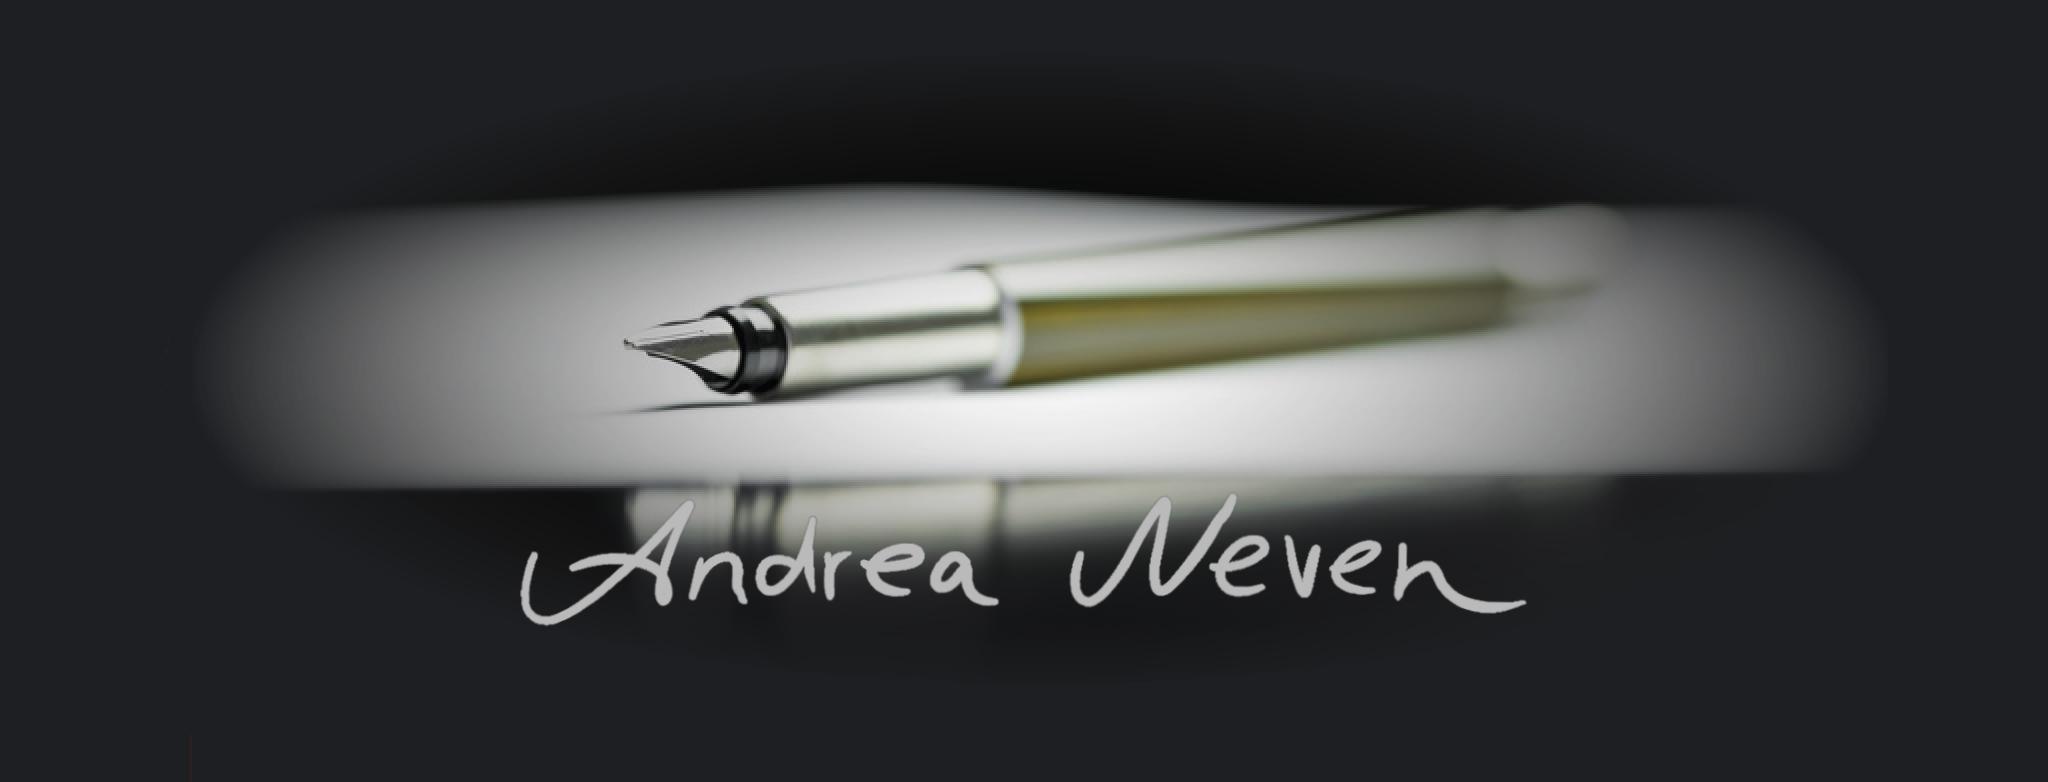 Andrea Neven